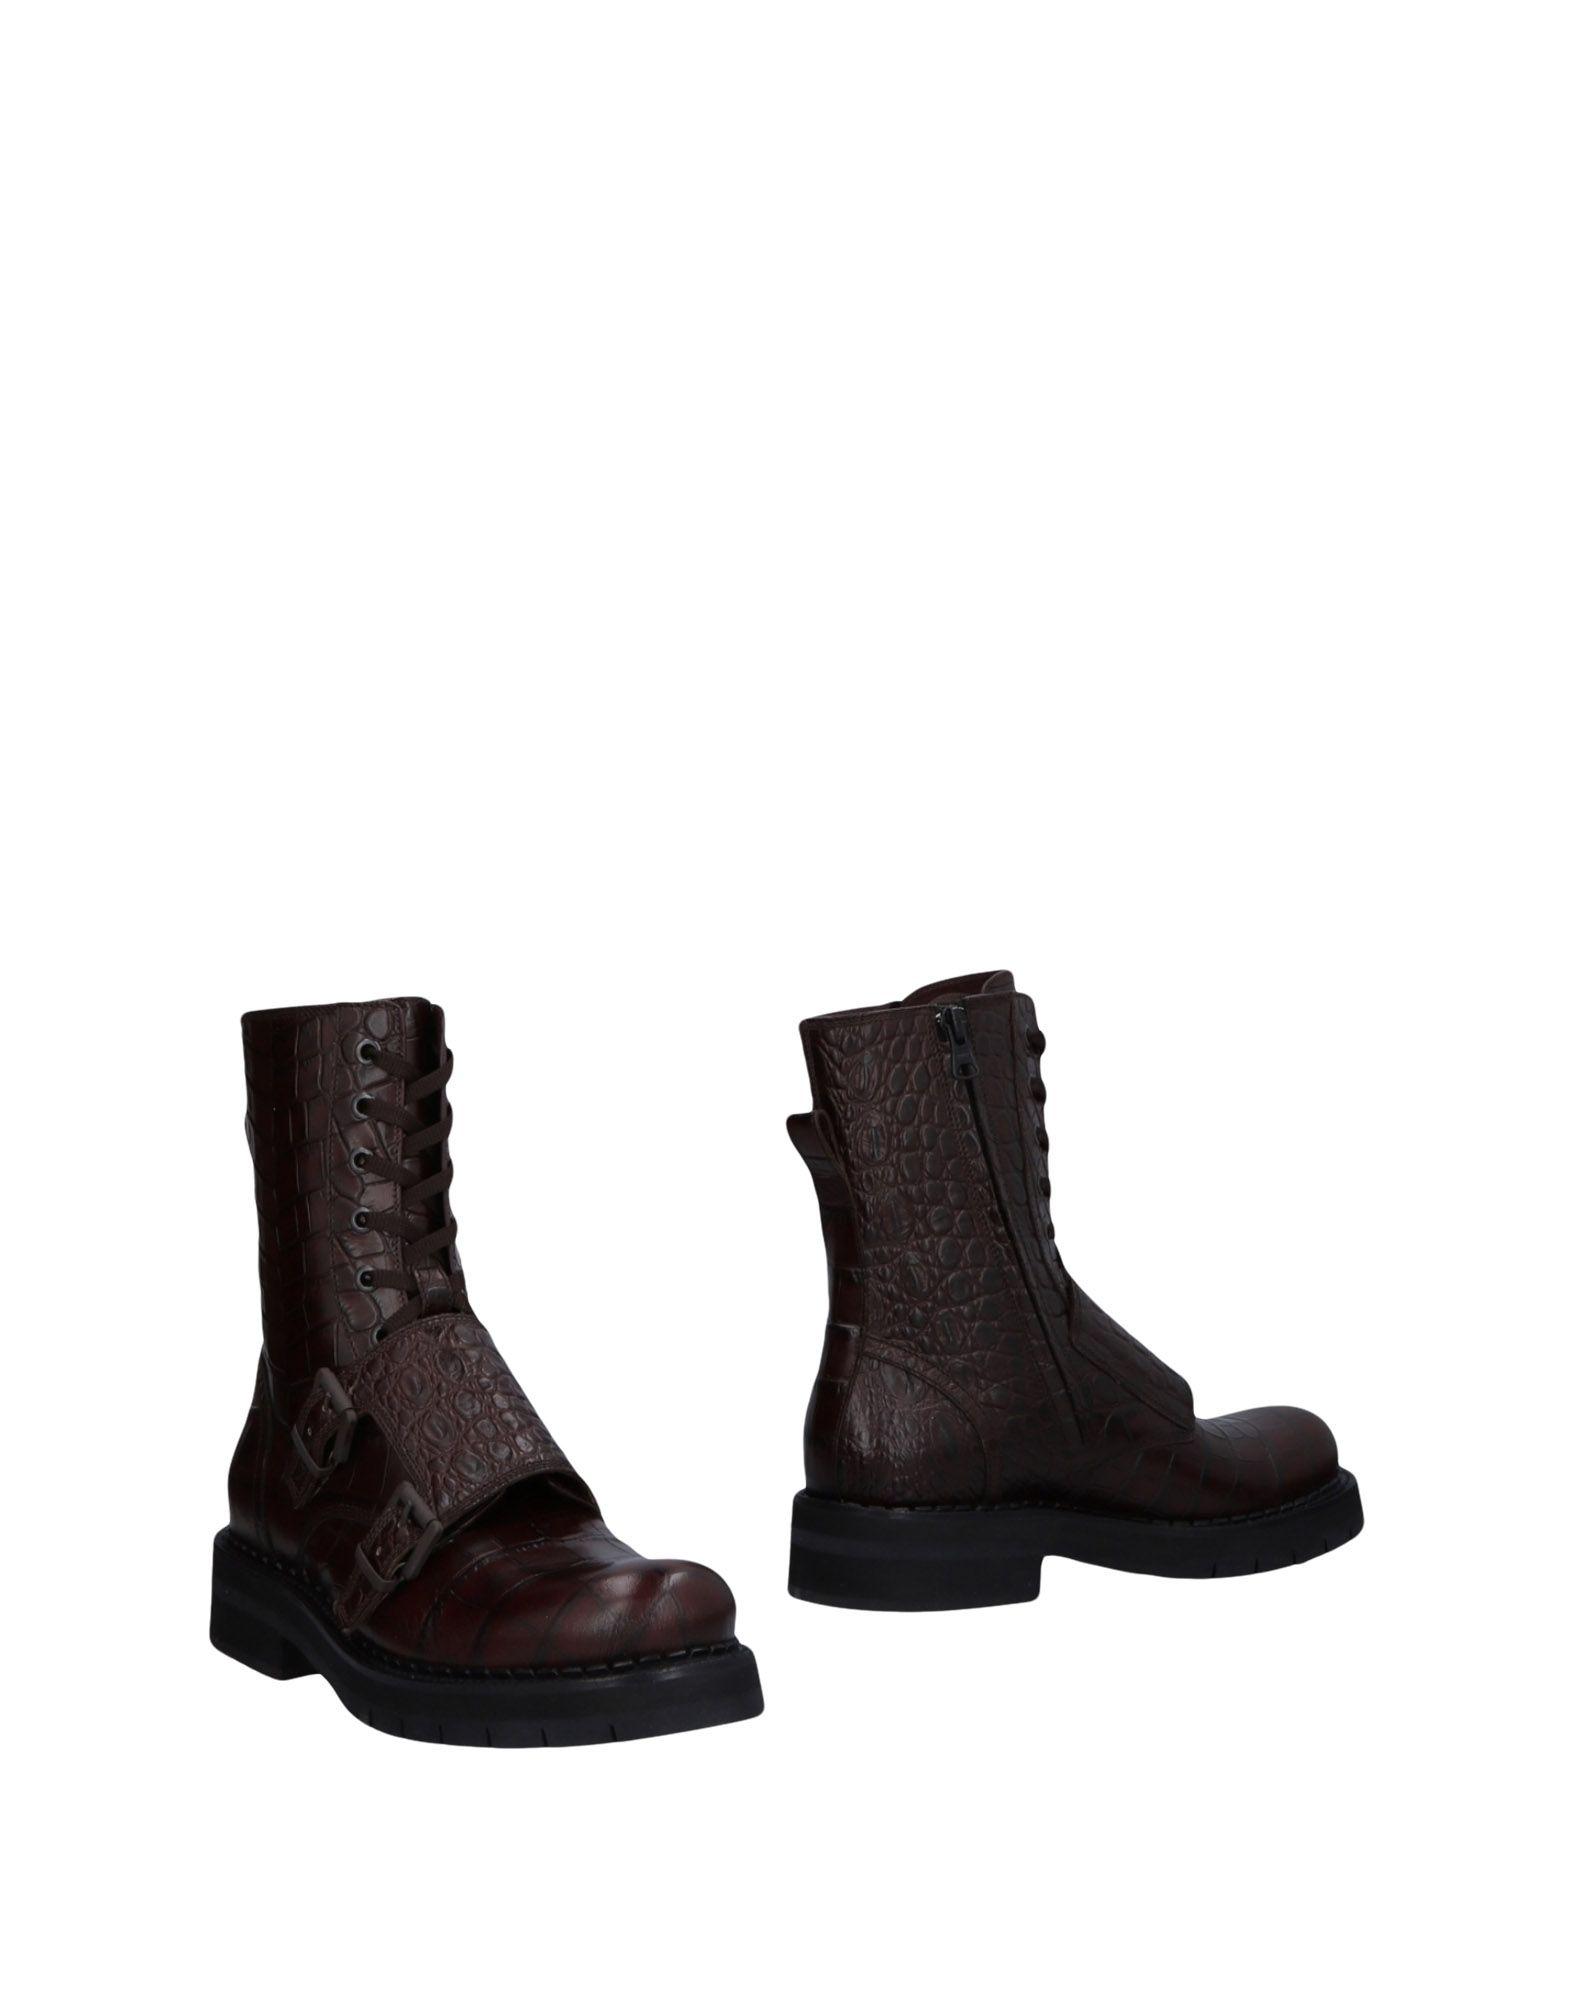 Antonio Marras Stiefelette Herren  11467464MT Gute Qualität beliebte Schuhe